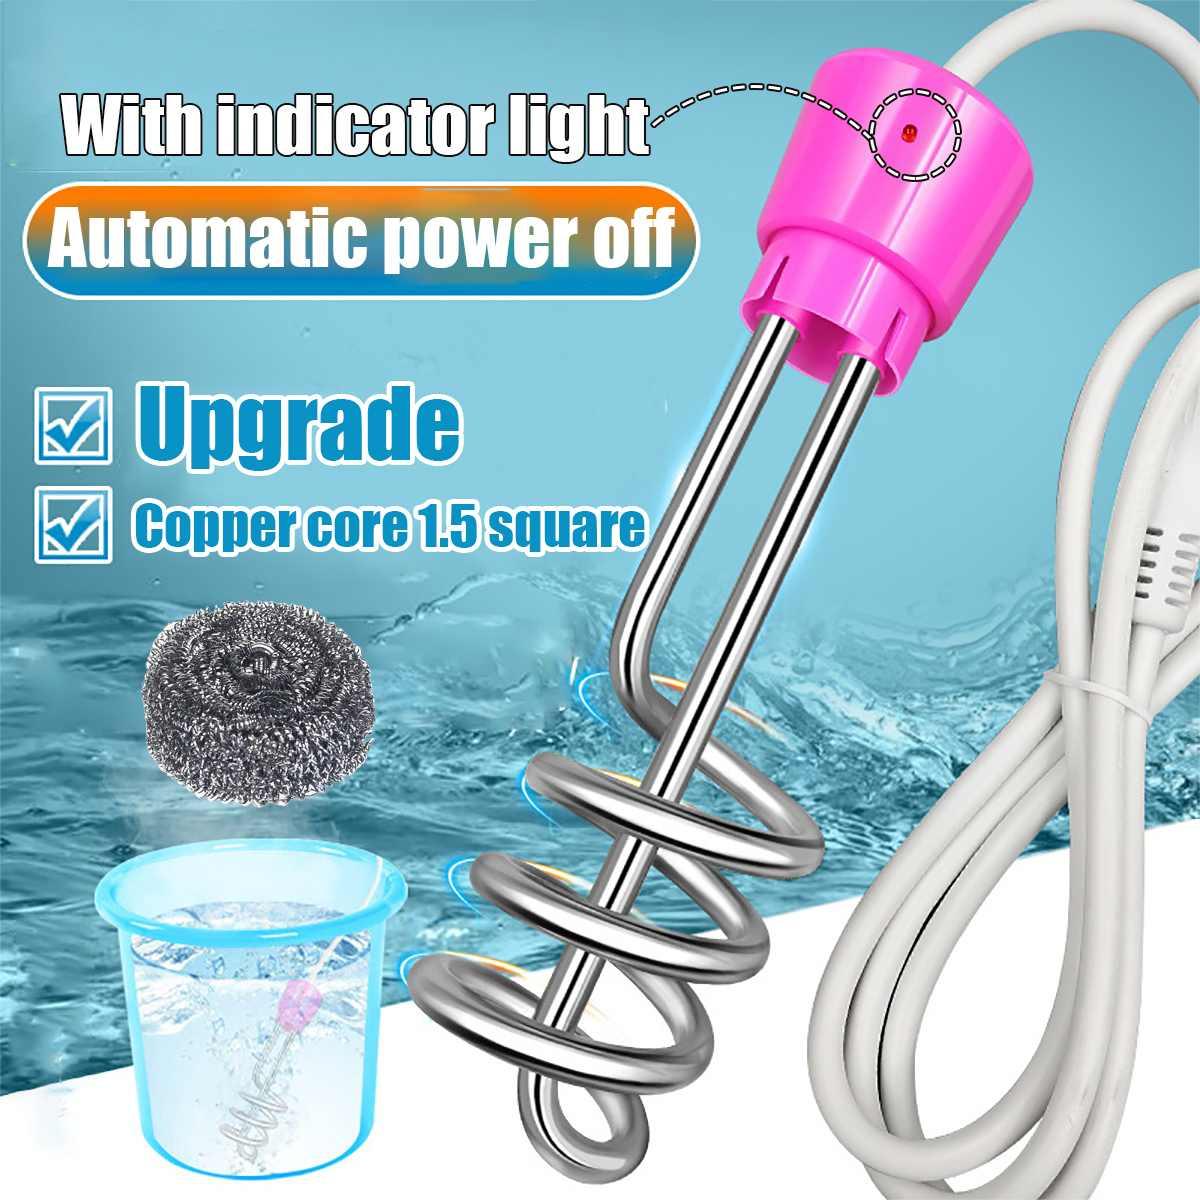 Электрический водонагреватель 3000 Вт/2500 Вт/2000 Вт, портативный мини-бойлер для горячей воды, автоматические погружные обогреватели для телеф...